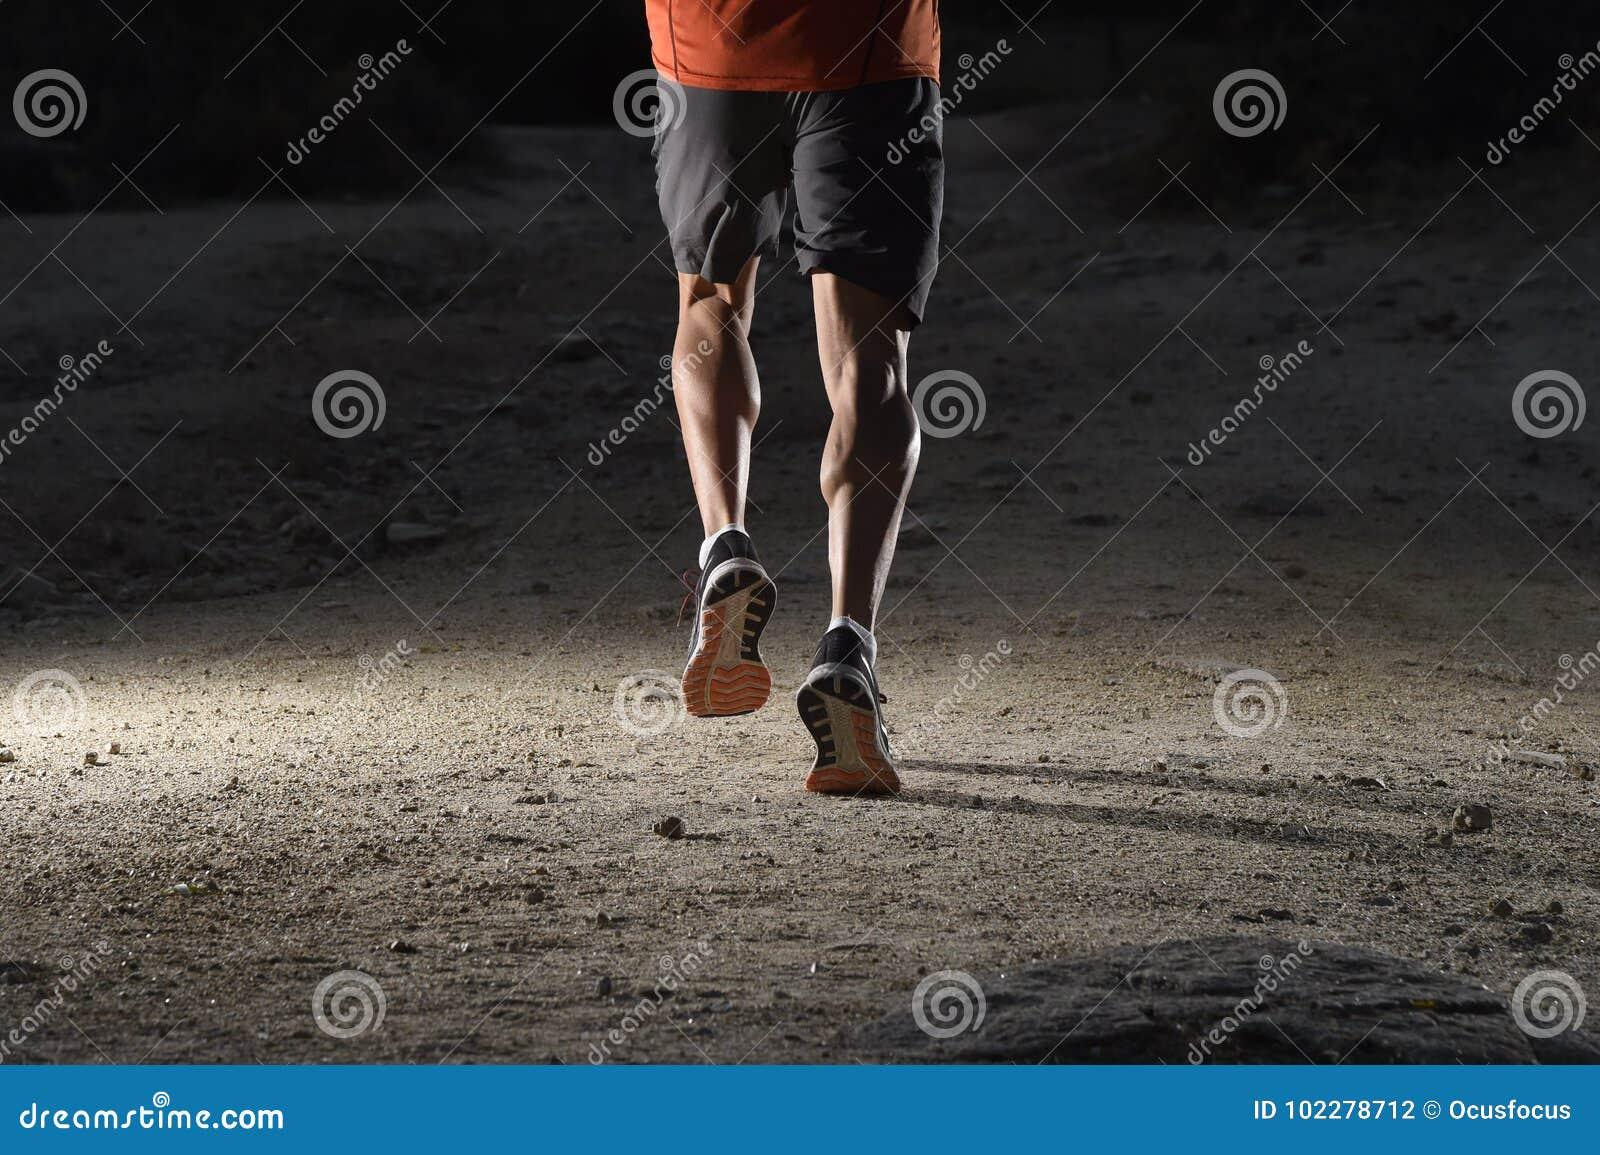 Diviértase Al Hombre Con Las Piernas Atléticas Y Musculares Rasgadas ...